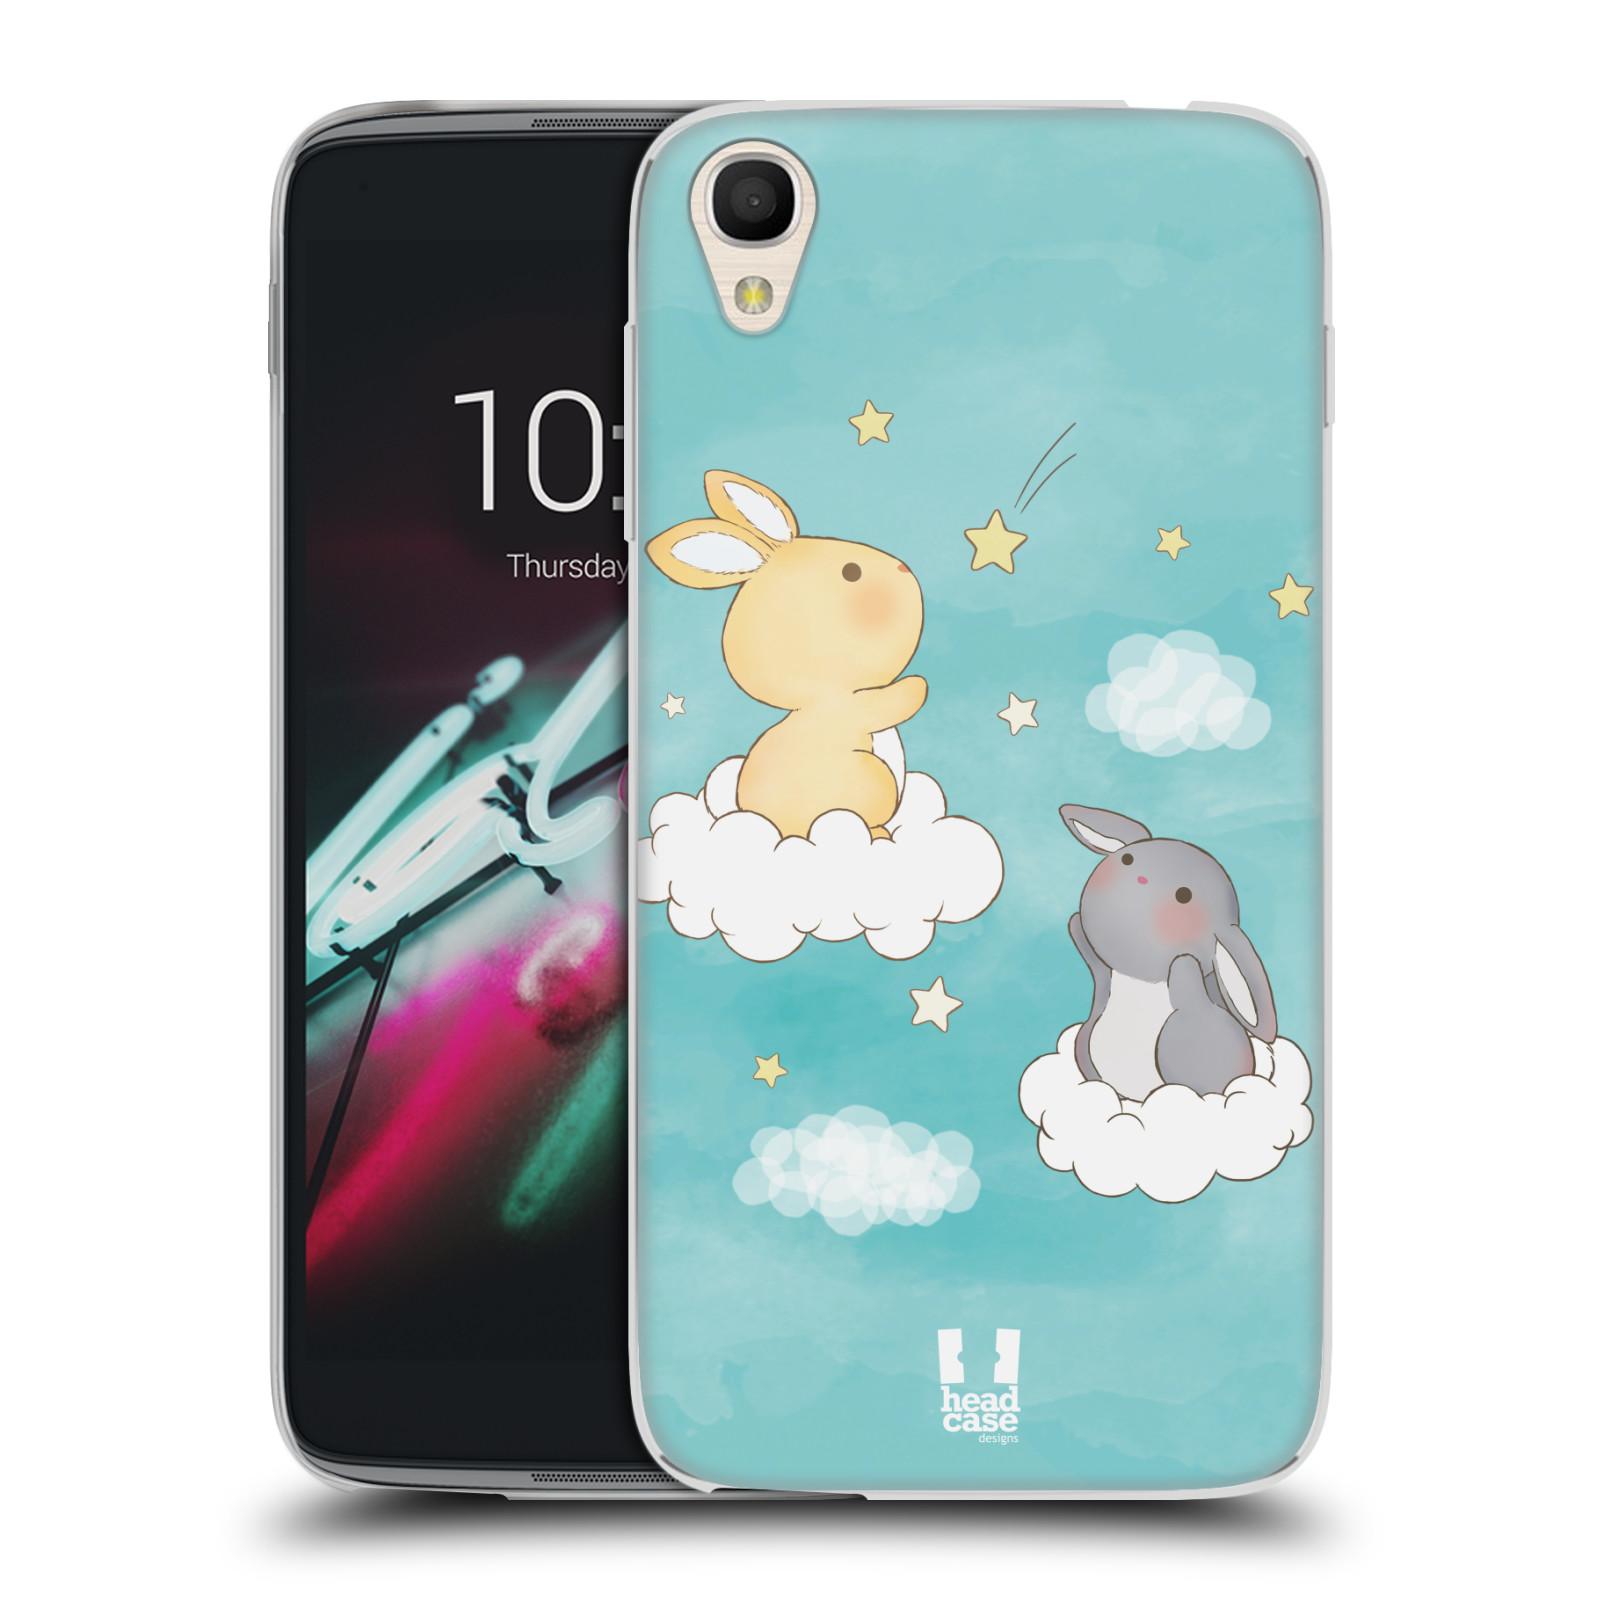 HEAD CASE silikonový obal na mobil Alcatel Idol 3 OT-6039Y (4.7) vzor králíček a hvězdy modrá